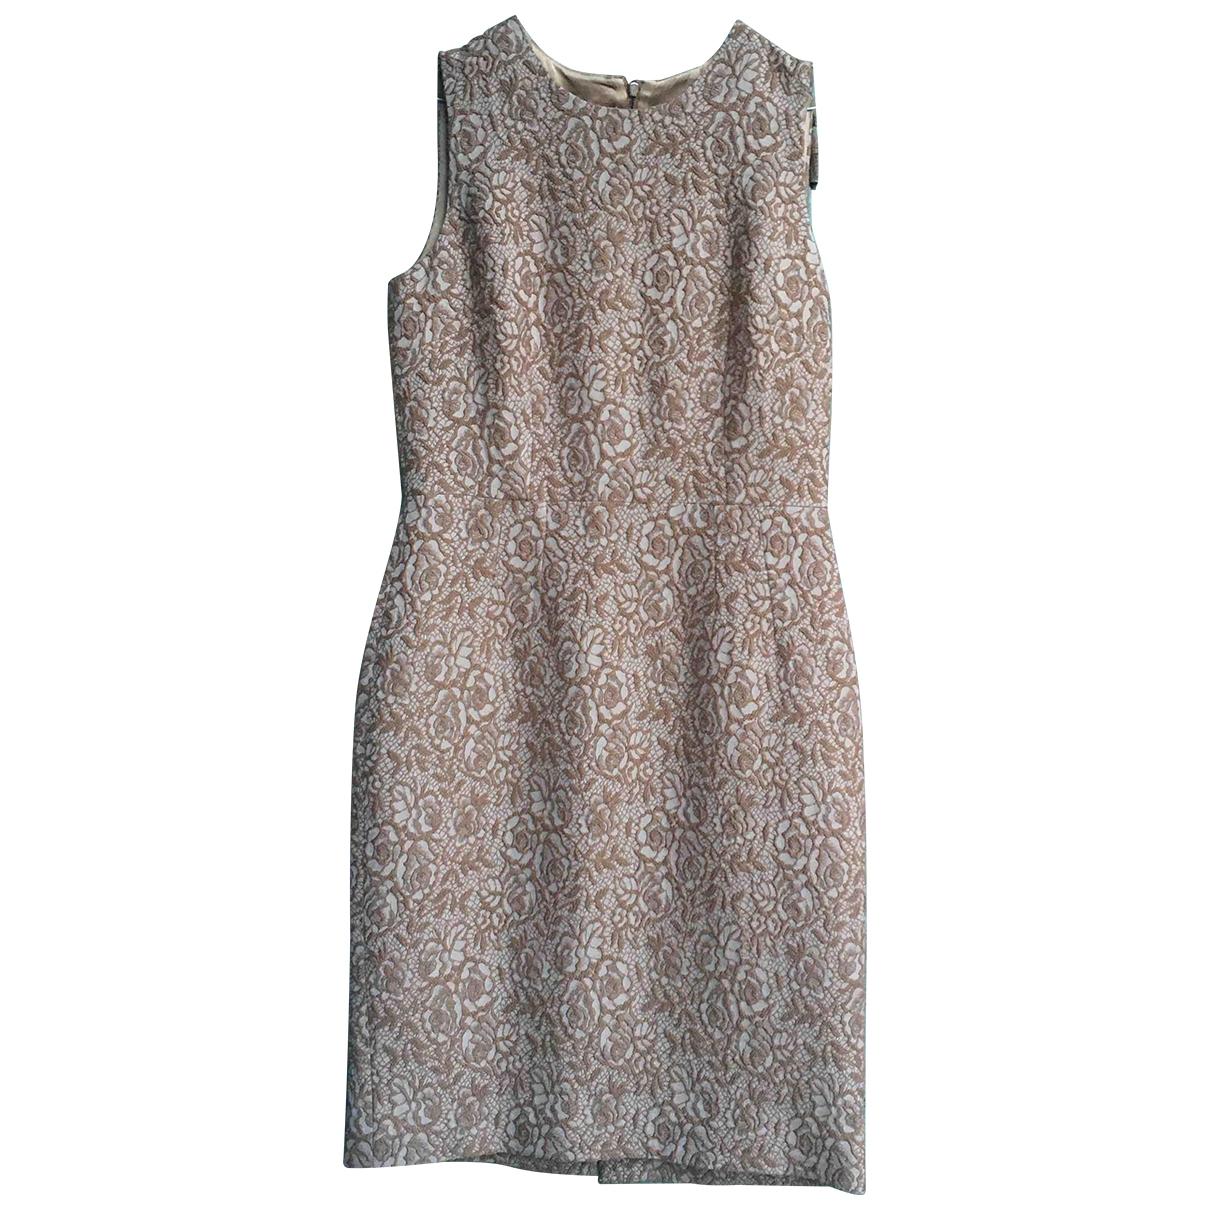 Dolce & Gabbana \N Kleid in  Kamel Wolle